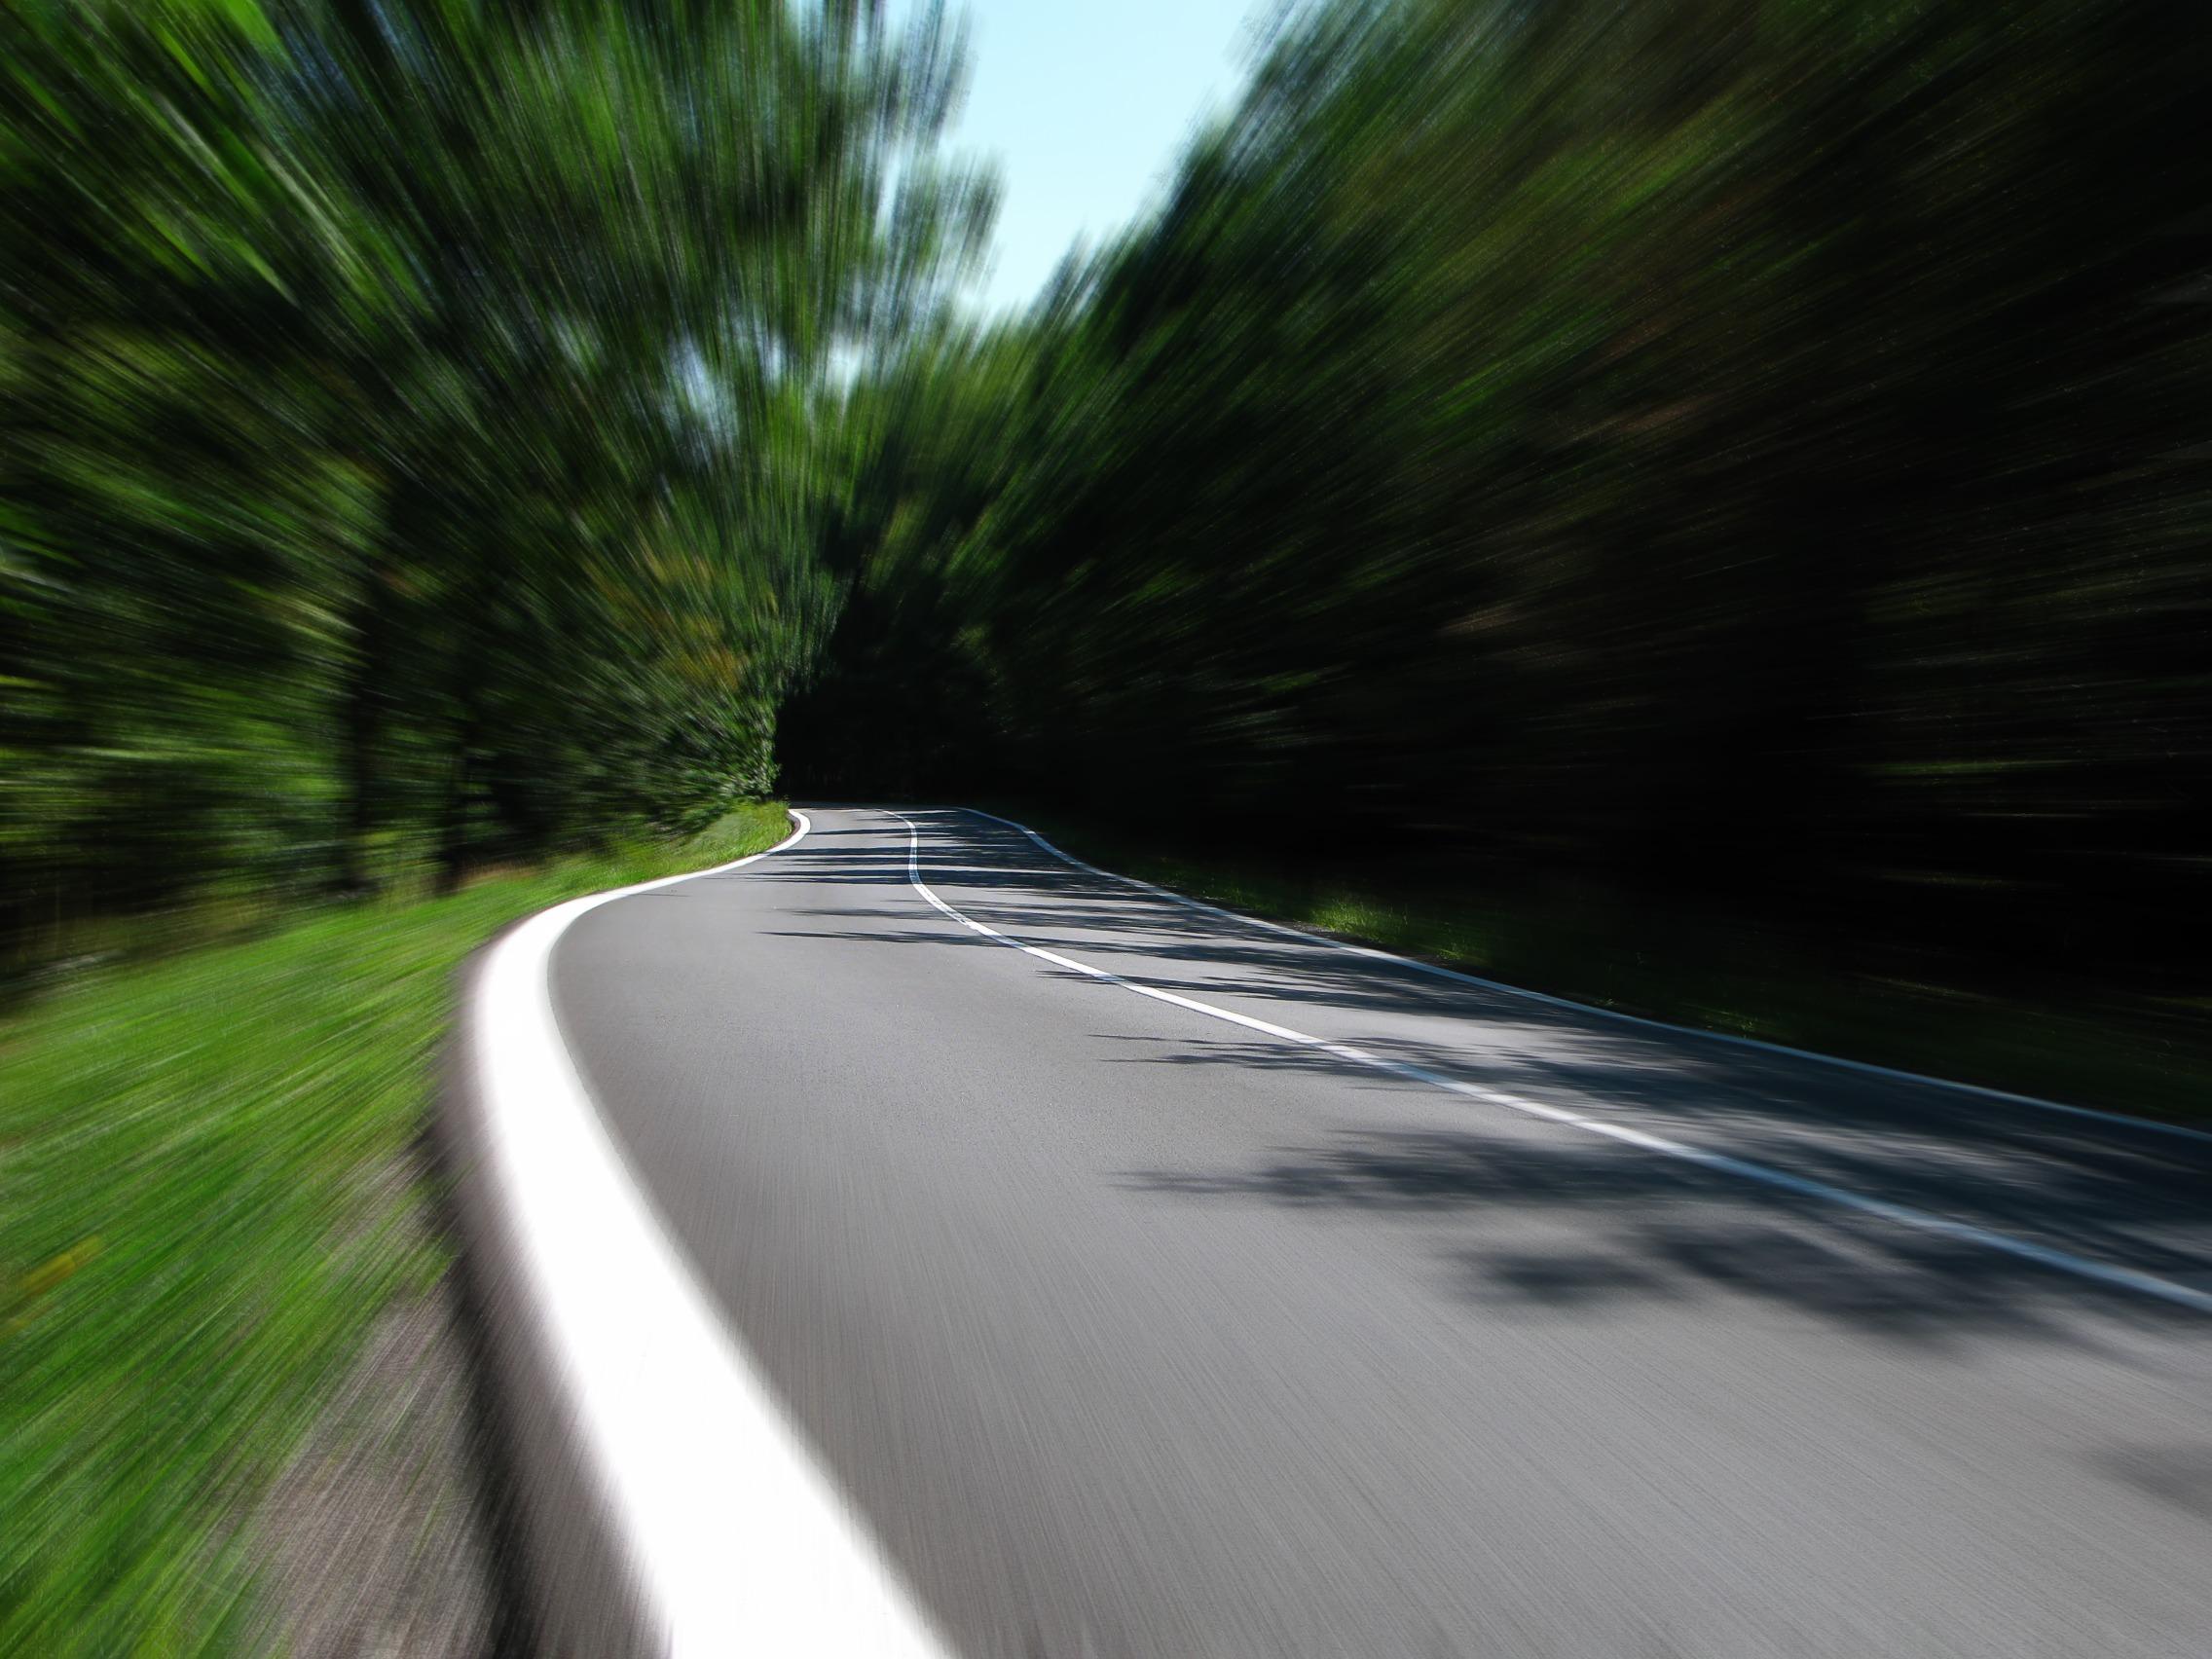 velocidad, carretera, curva, campo, movimiento - Fondos de Pantalla HD - professor-falken.com